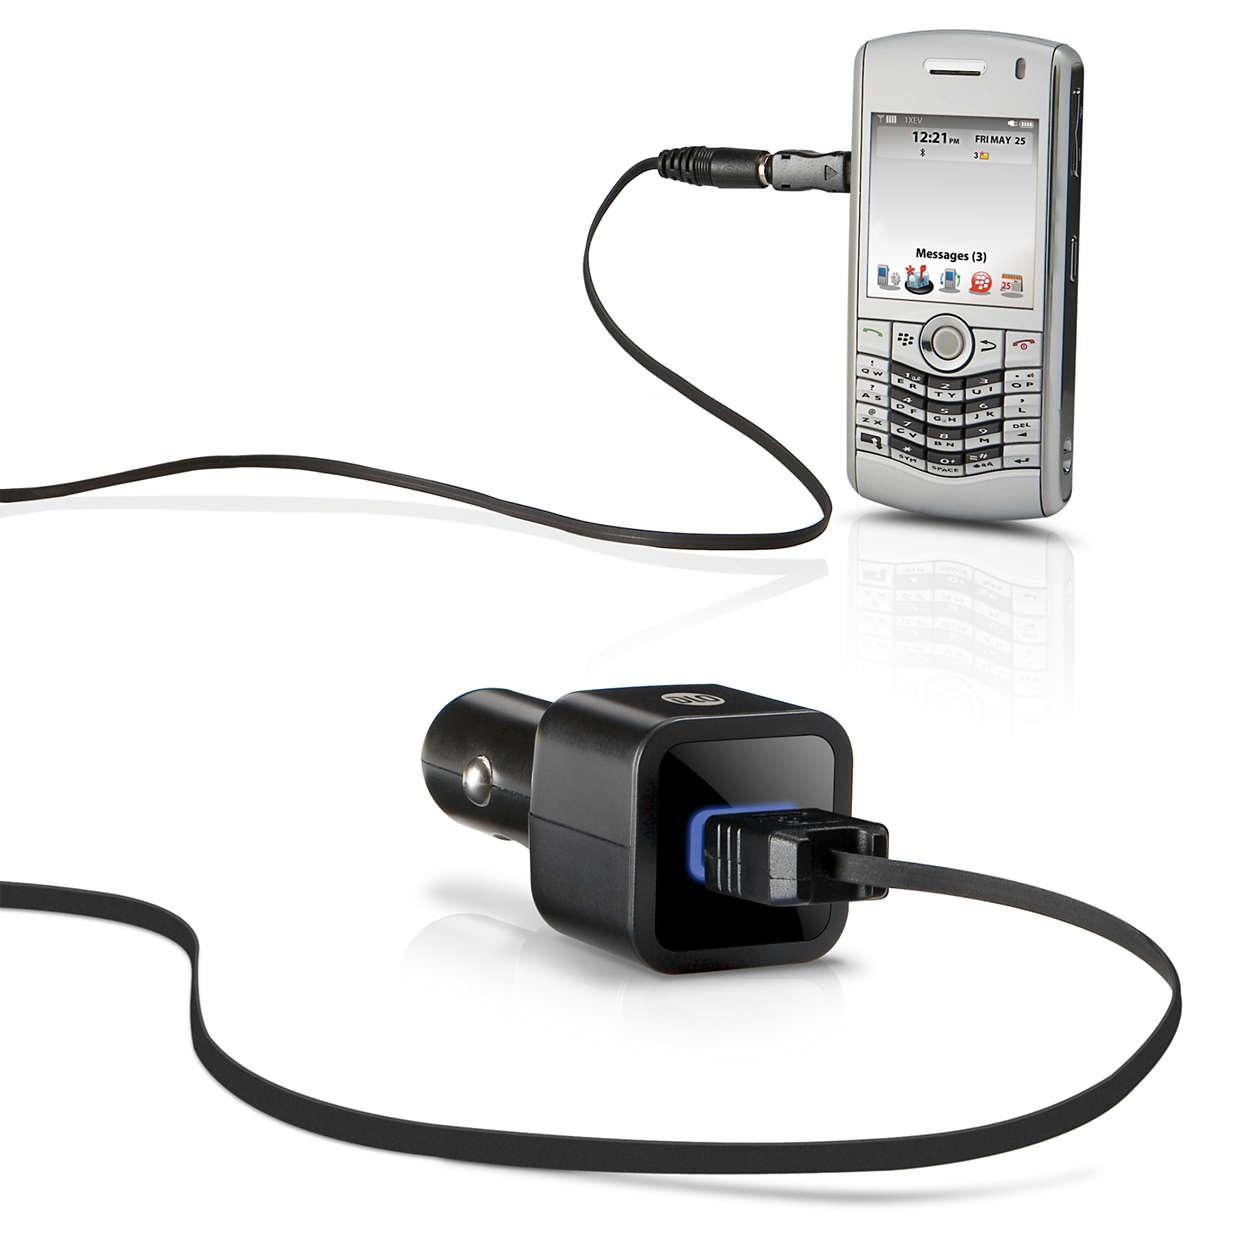 Lataa matkapuhelimesi autossa